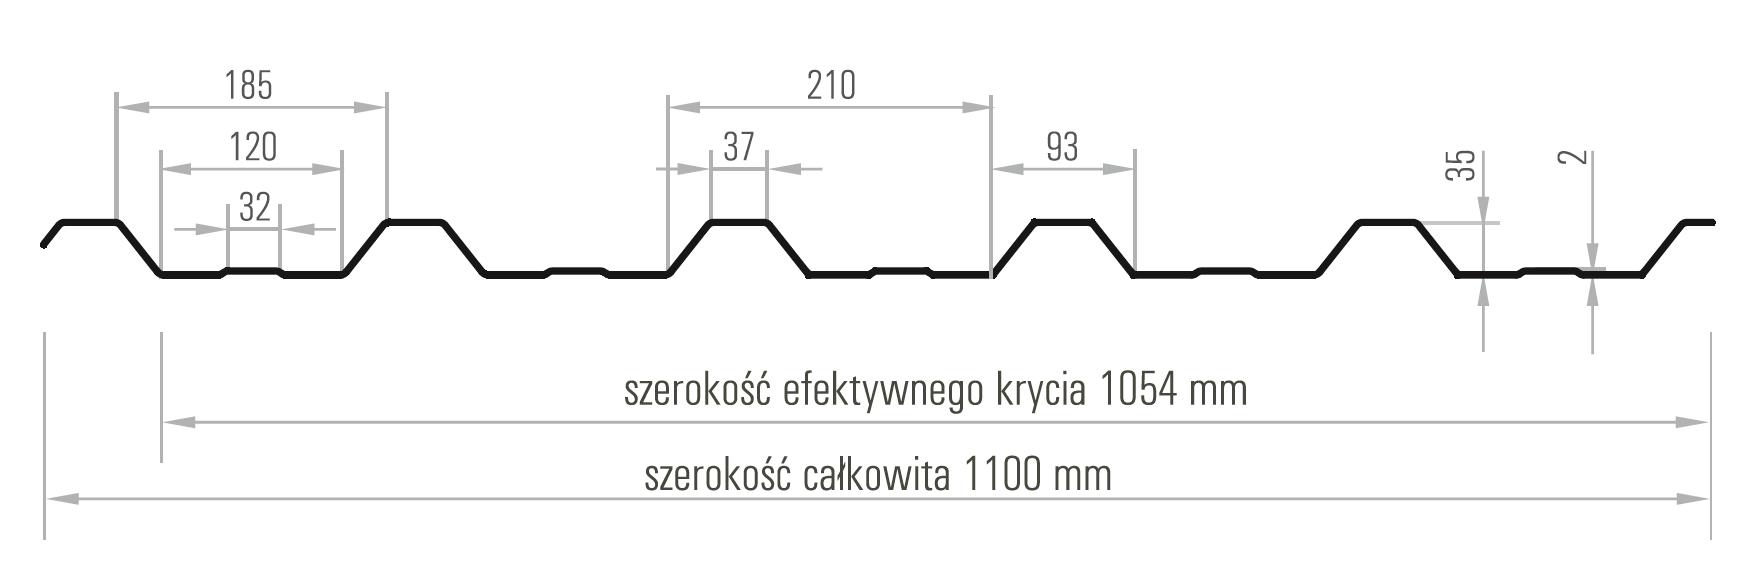 Abito Bratex Blacha Trapezowa T35 Pokrycia Dachowe Krakow